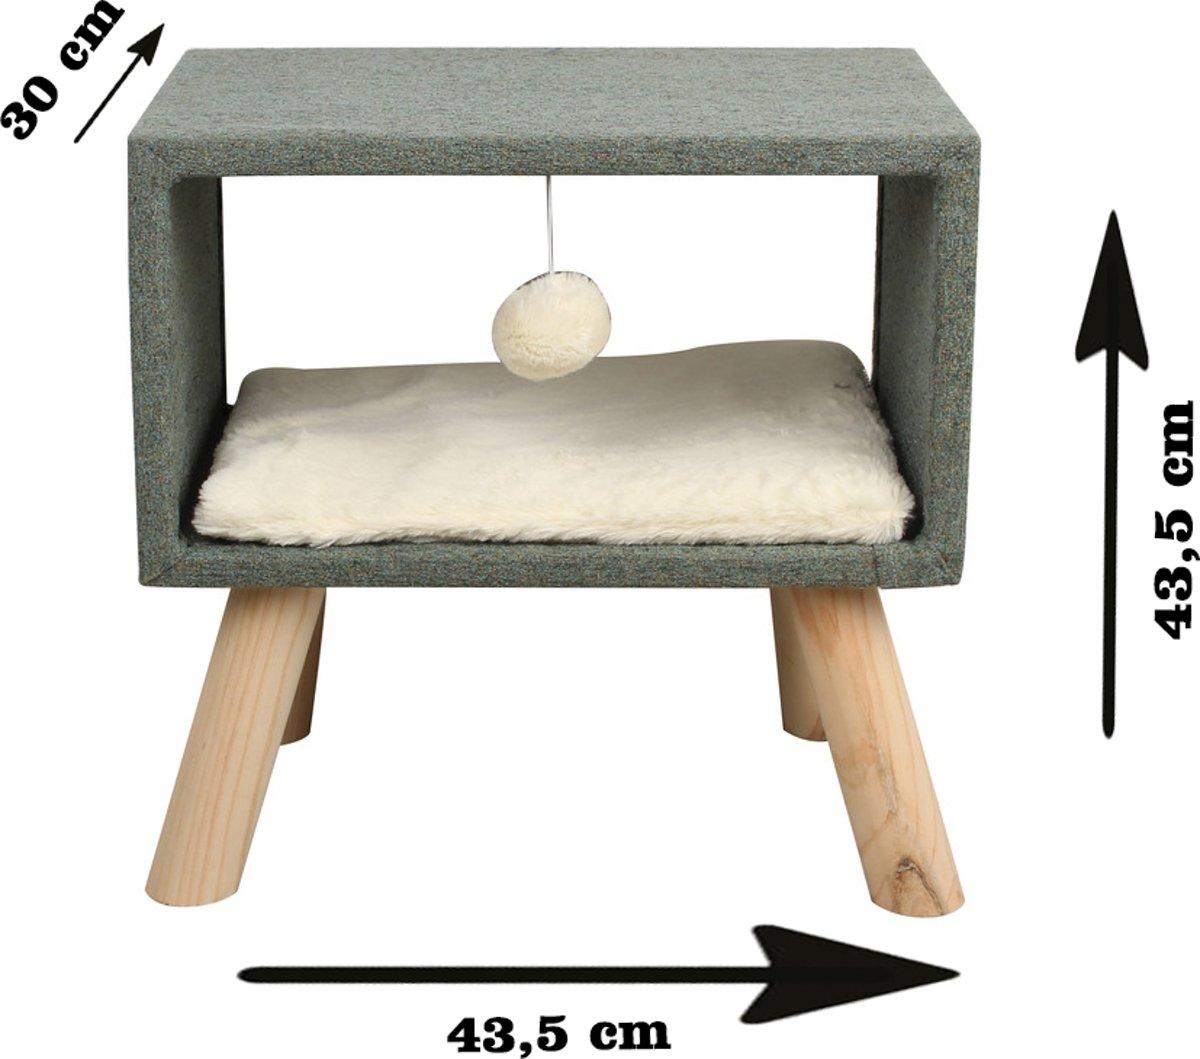 Adori Kattenmeubel Saar 43.5x30x43.5 cm Groen Wit